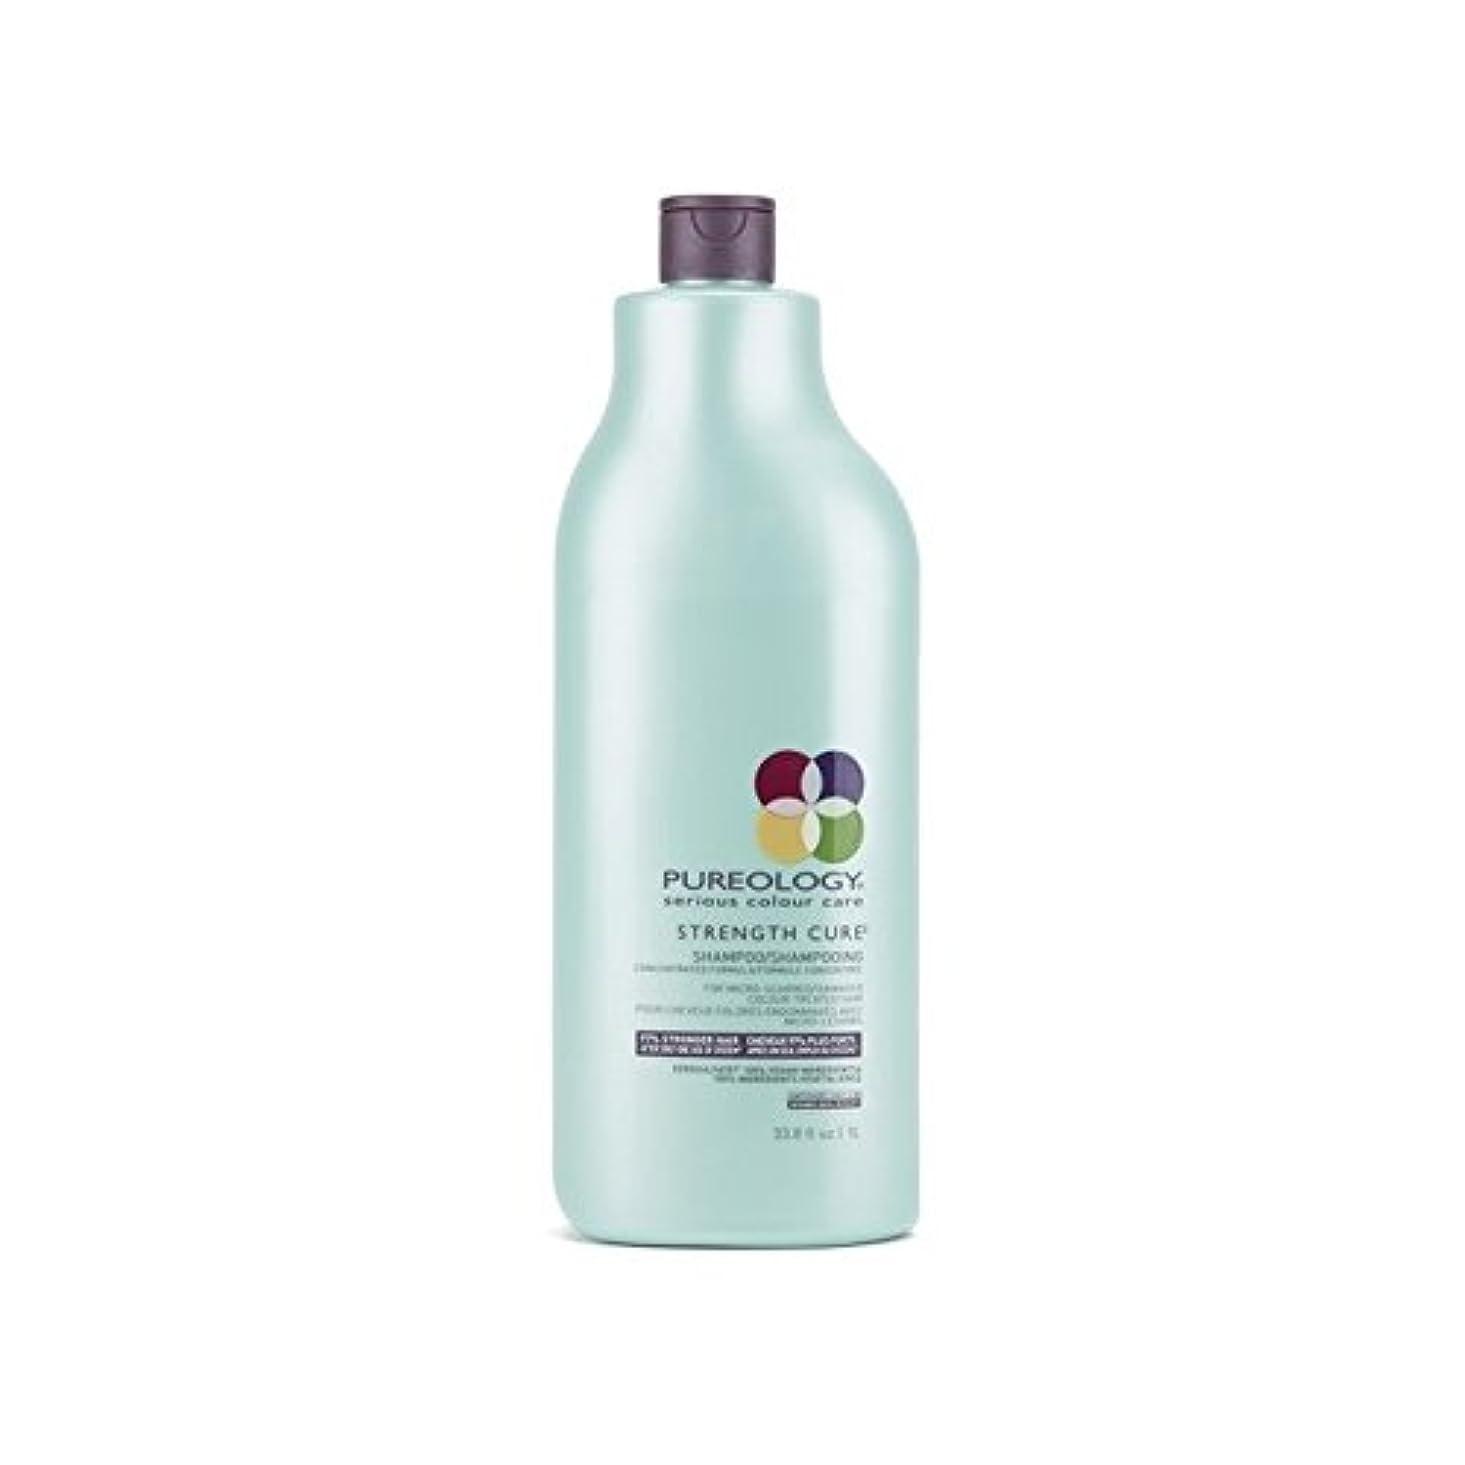 ブレーク死村Pureology Strength Cure Shampoo (1000ml) - 強度硬化シャンプー(千ミリリットル) [並行輸入品]